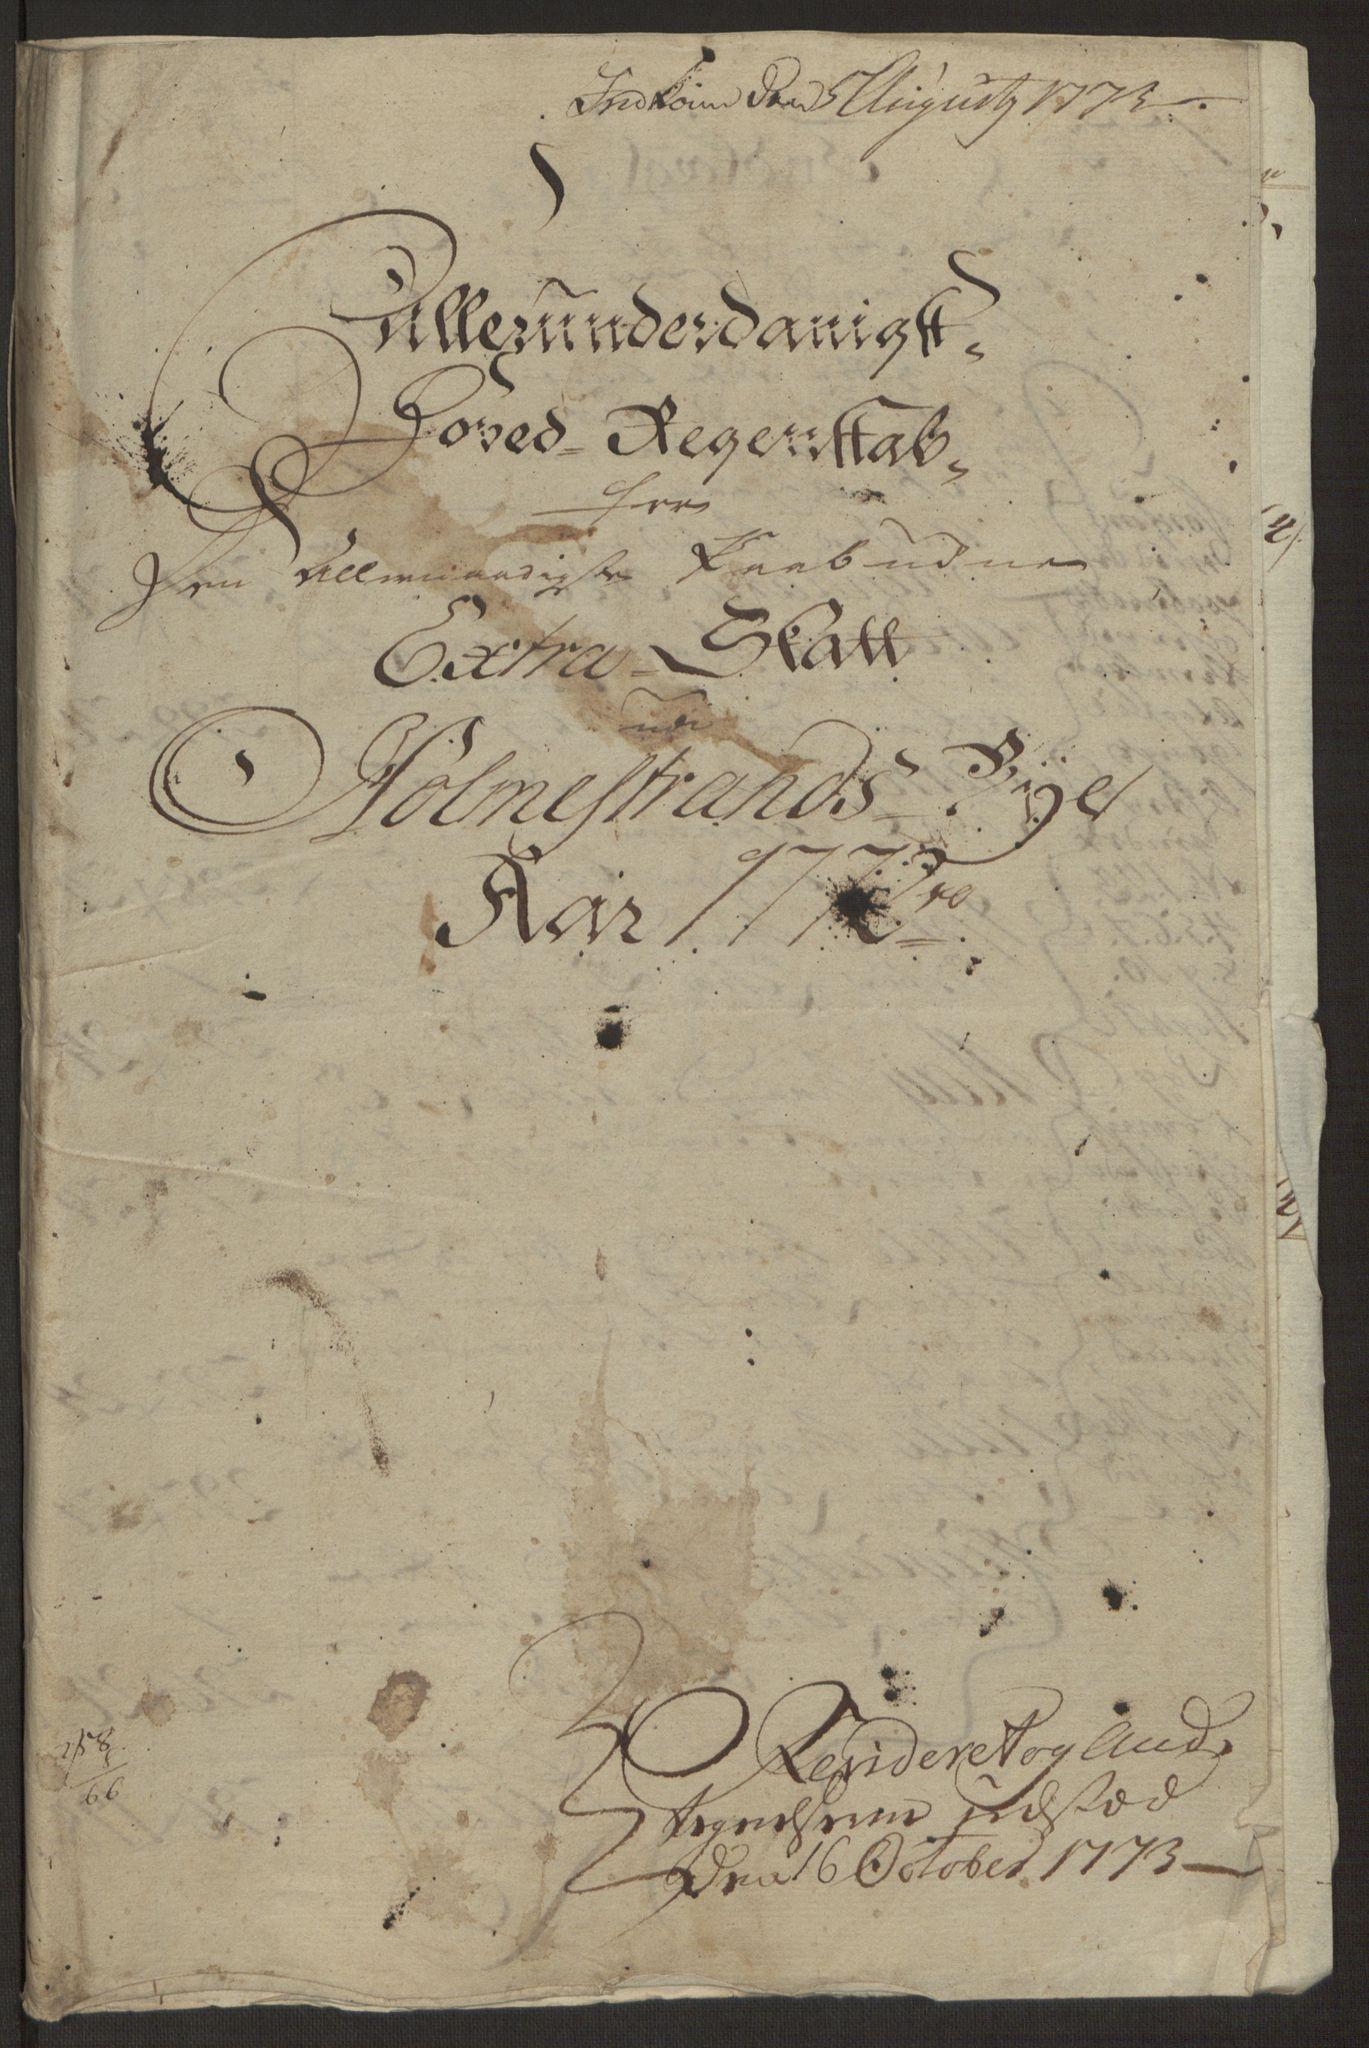 RA, Rentekammeret inntil 1814, Reviderte regnskaper, Byregnskaper, R/Rh/L0163: [H4] Kontribusjonsregnskap, 1762-1772, s. 418